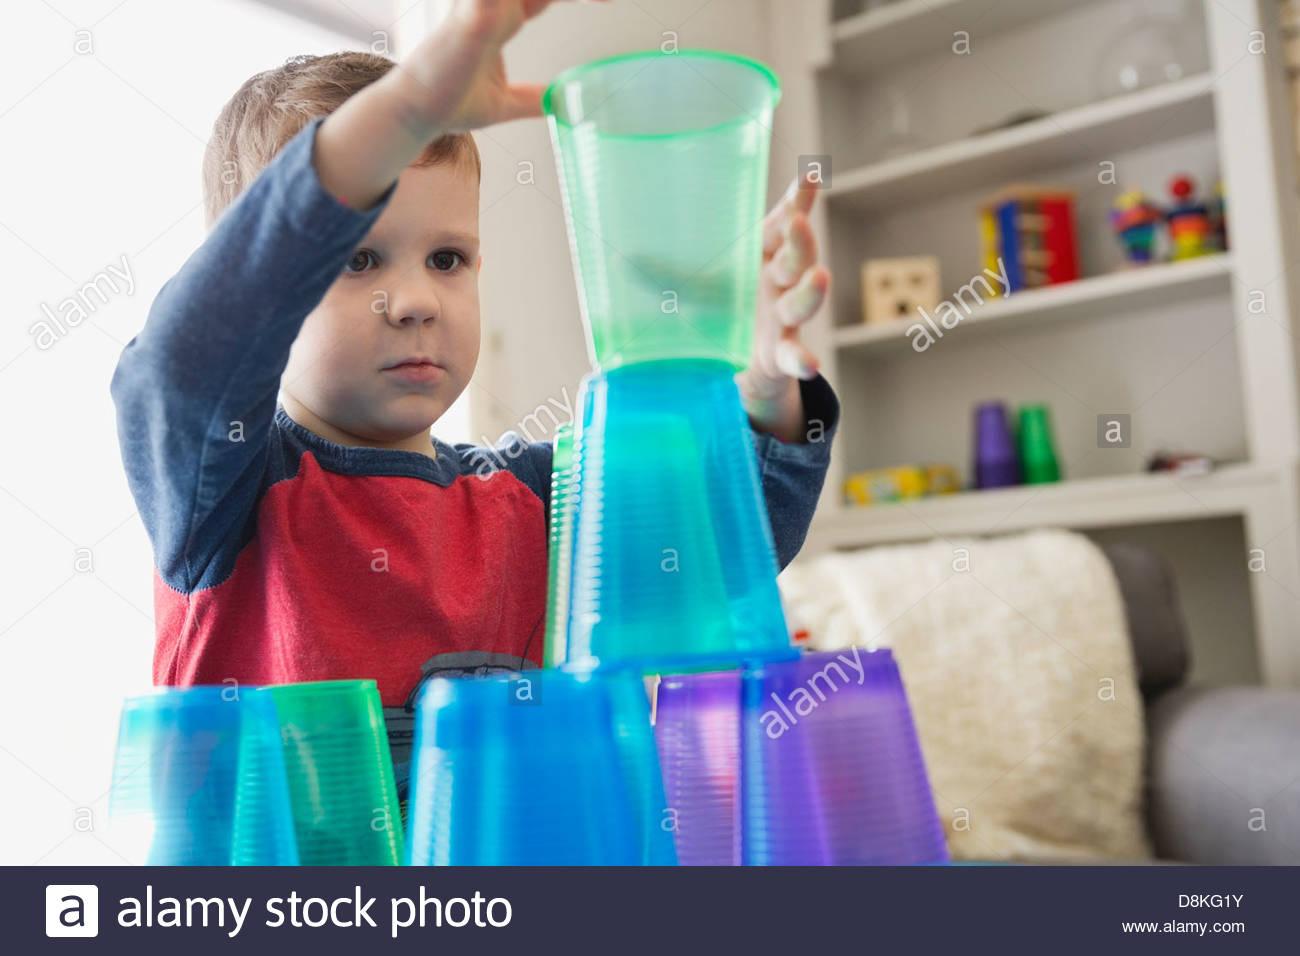 Niño jugando con vasos de plástico en casa Imagen De Stock